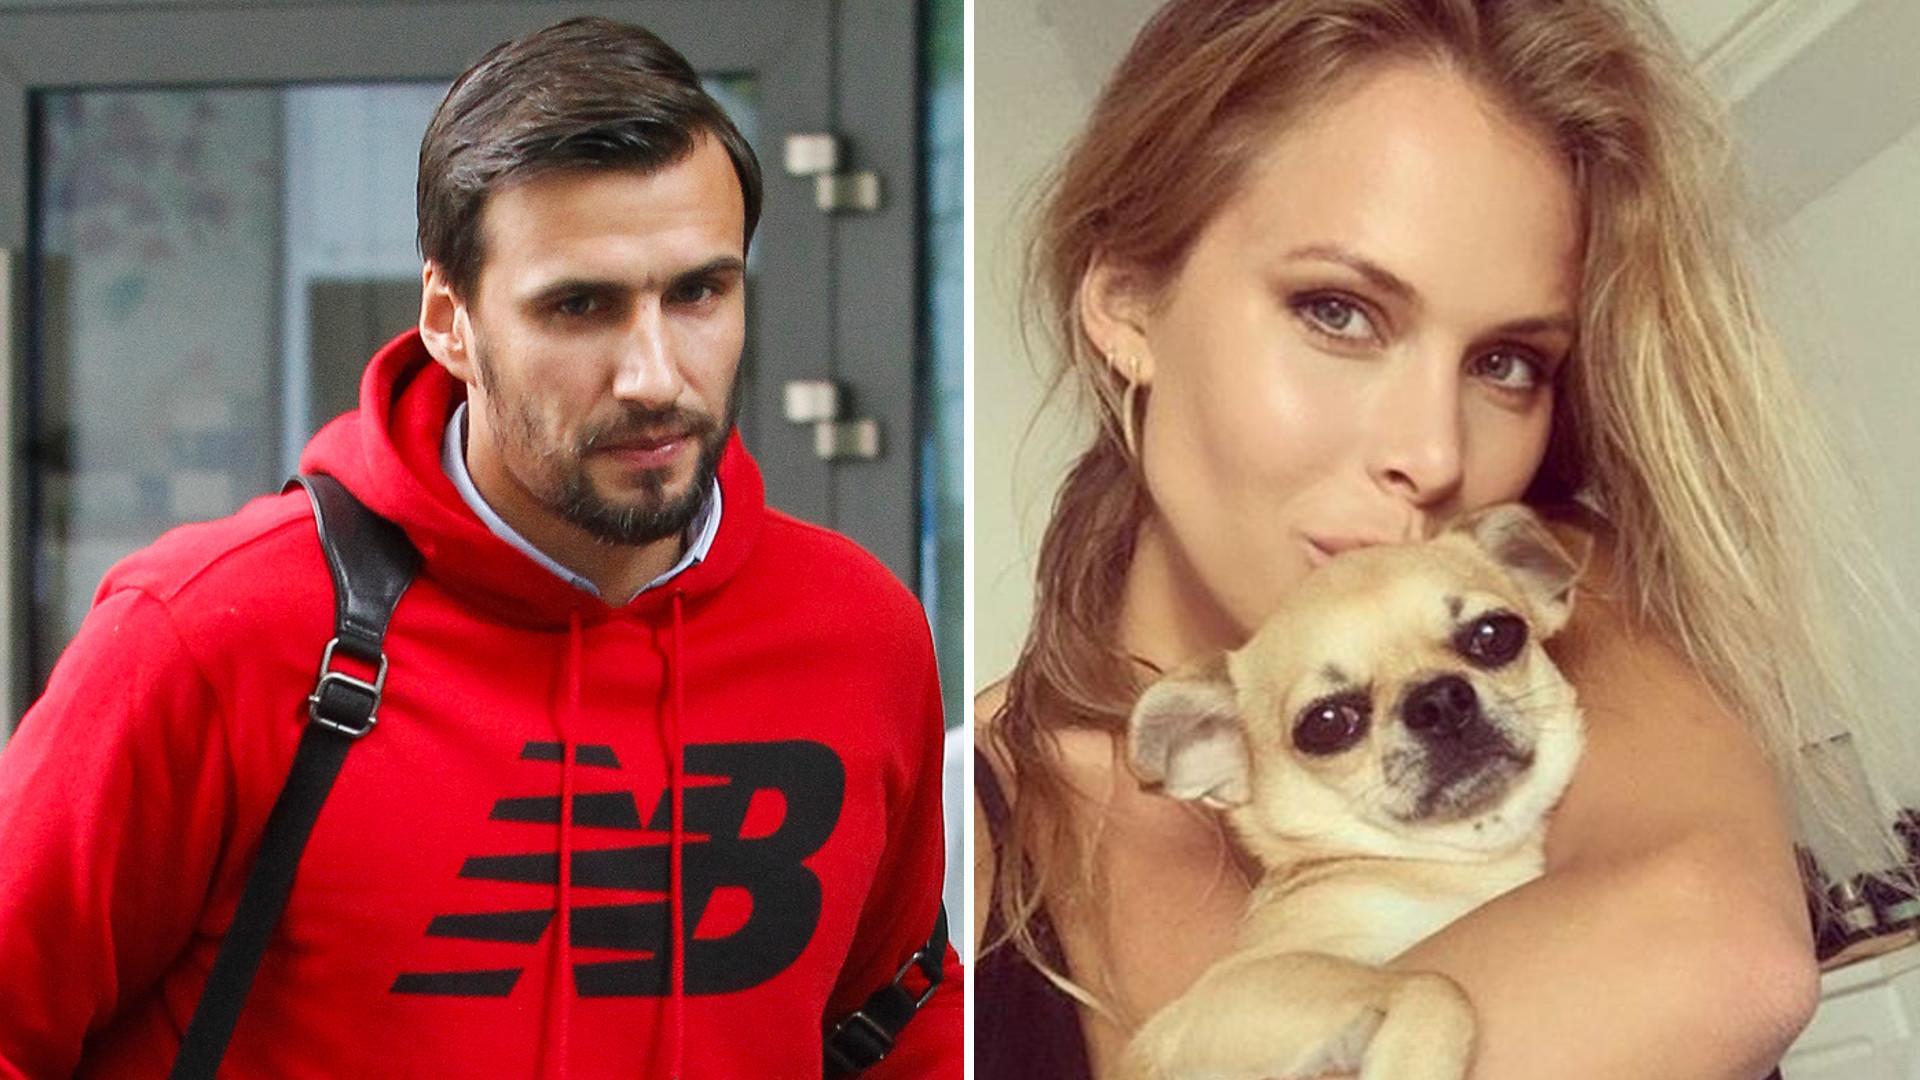 Nowa dziewczyna Jarosława Bieniuka to ZNANA modelka. Co o niej wiemy?